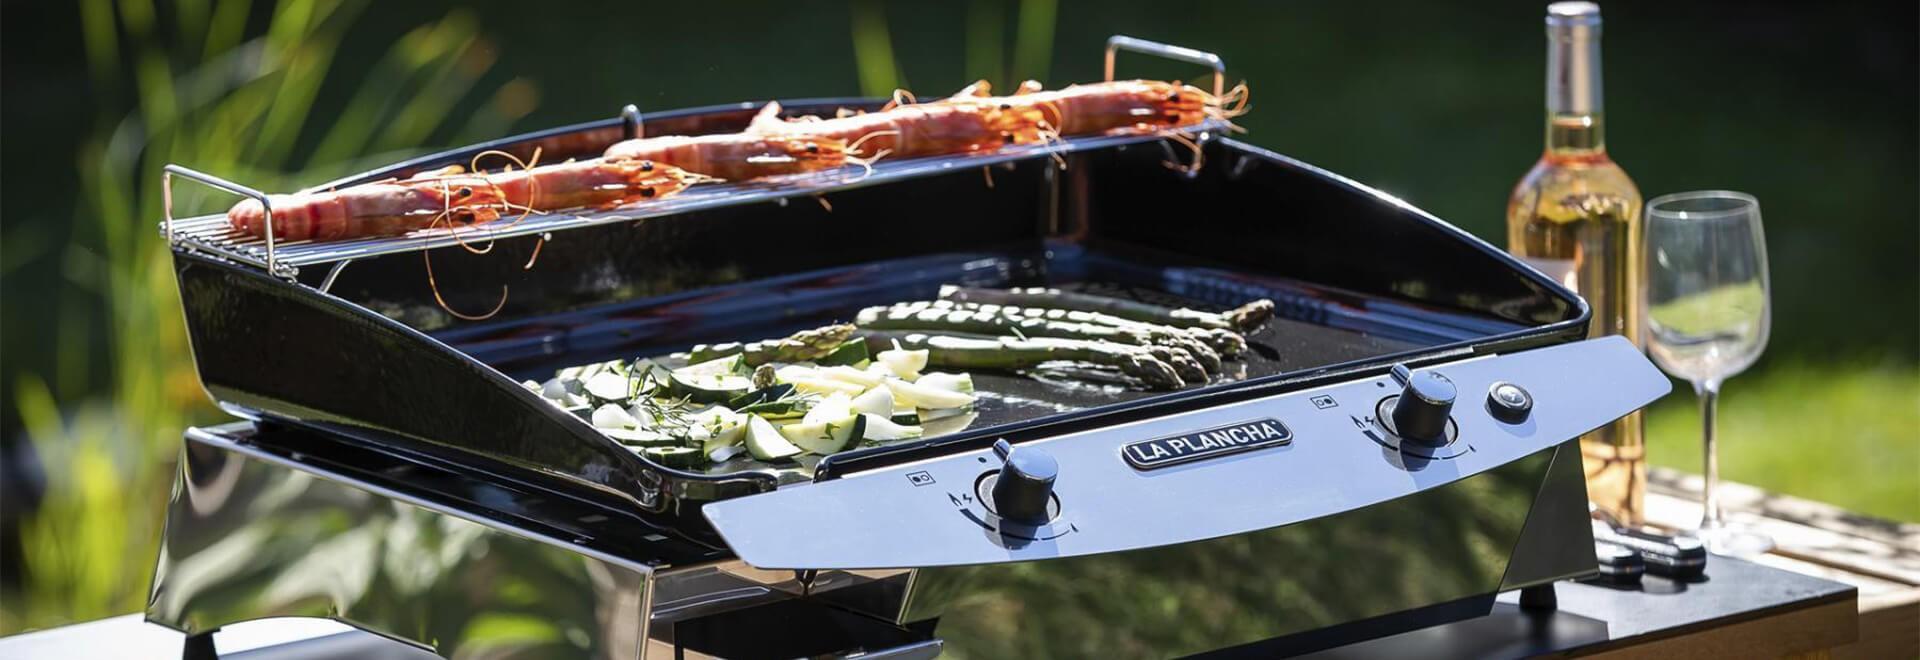 La plancha, un sérieux rival pour le barbecue